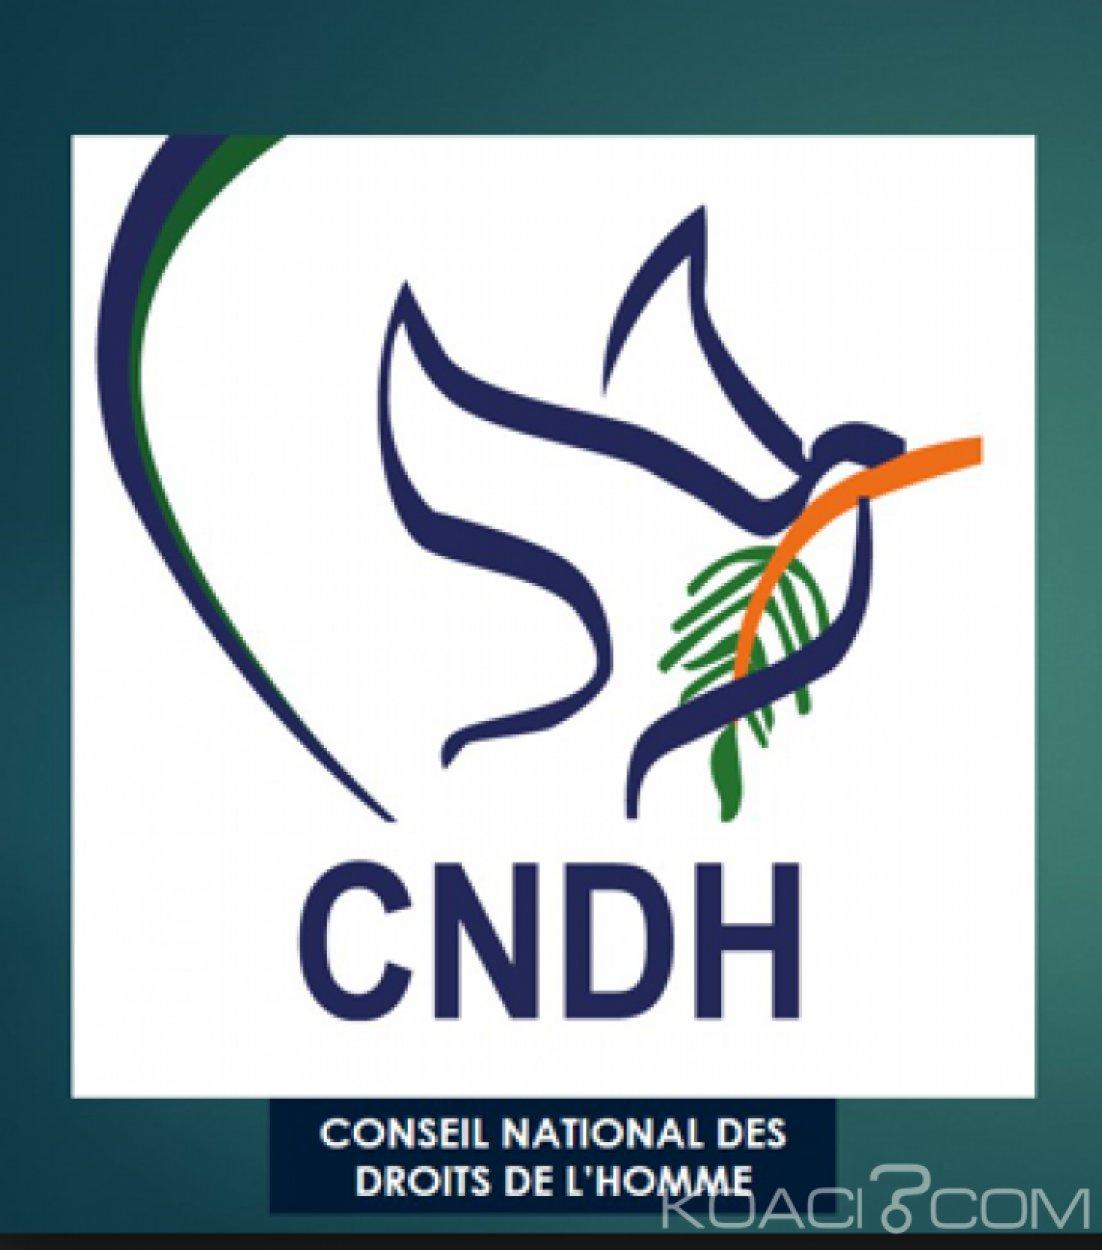 Côte d'Ivoire : Le mode désignation des organisations éligibles pour le conseil national des droits de l'homme poserait  problème, l'élection reportée